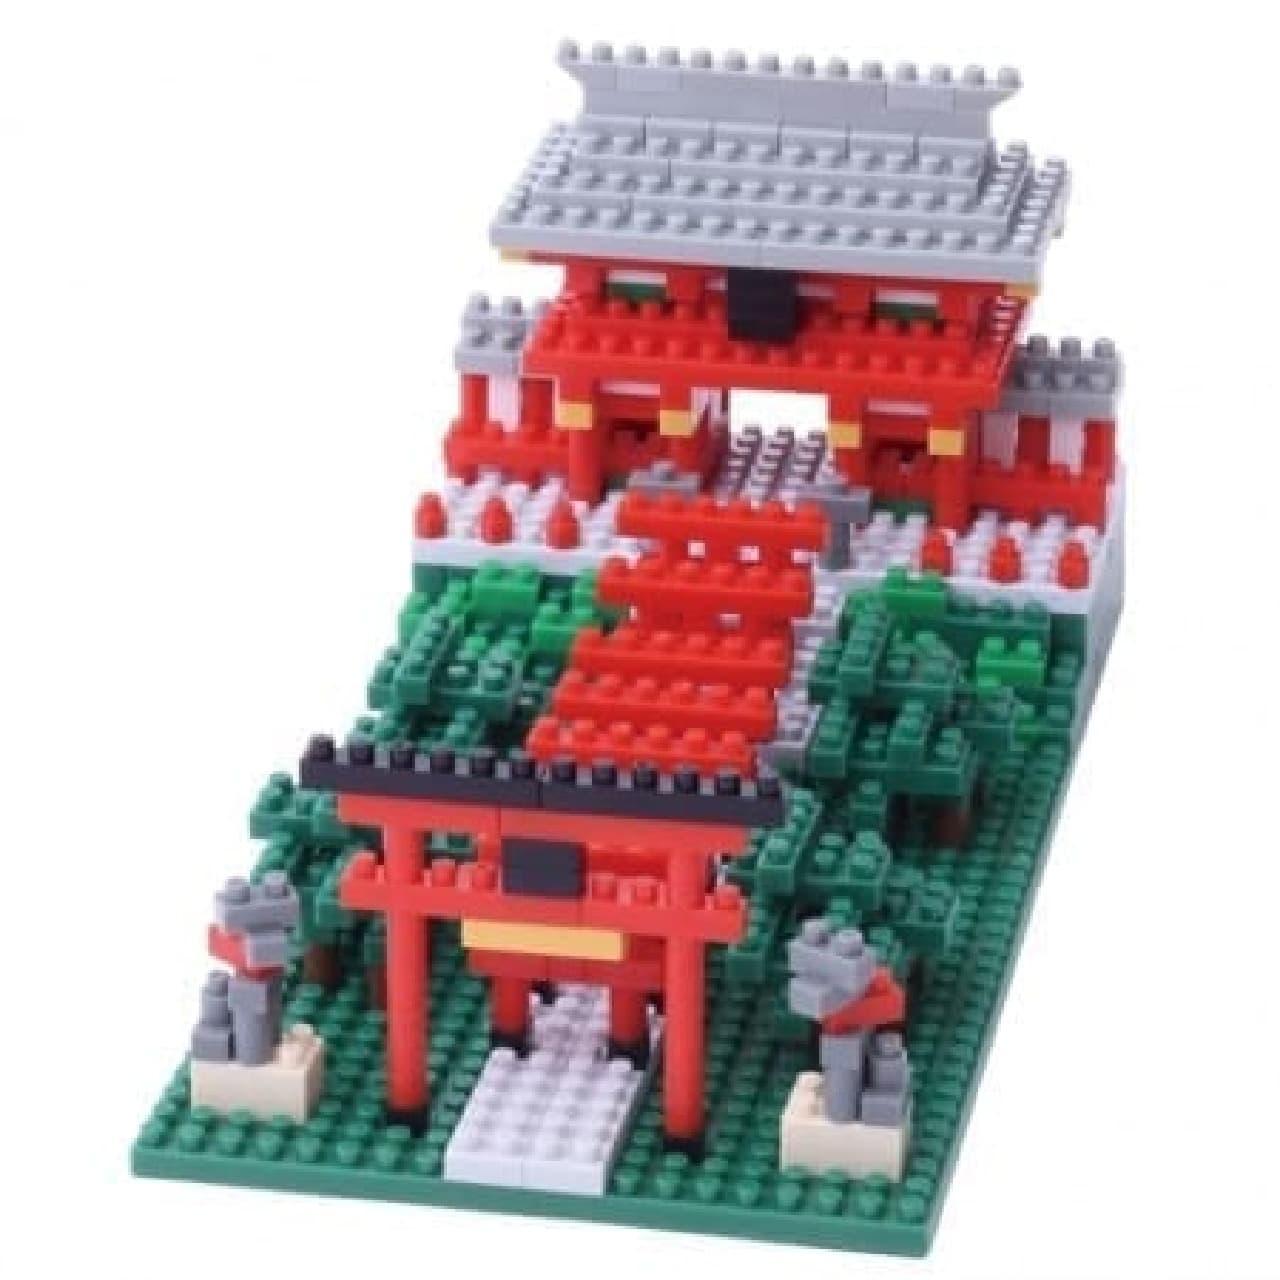 外国人の観光スポットとして人気急上昇の稲荷神社(530ピース、2,700円)